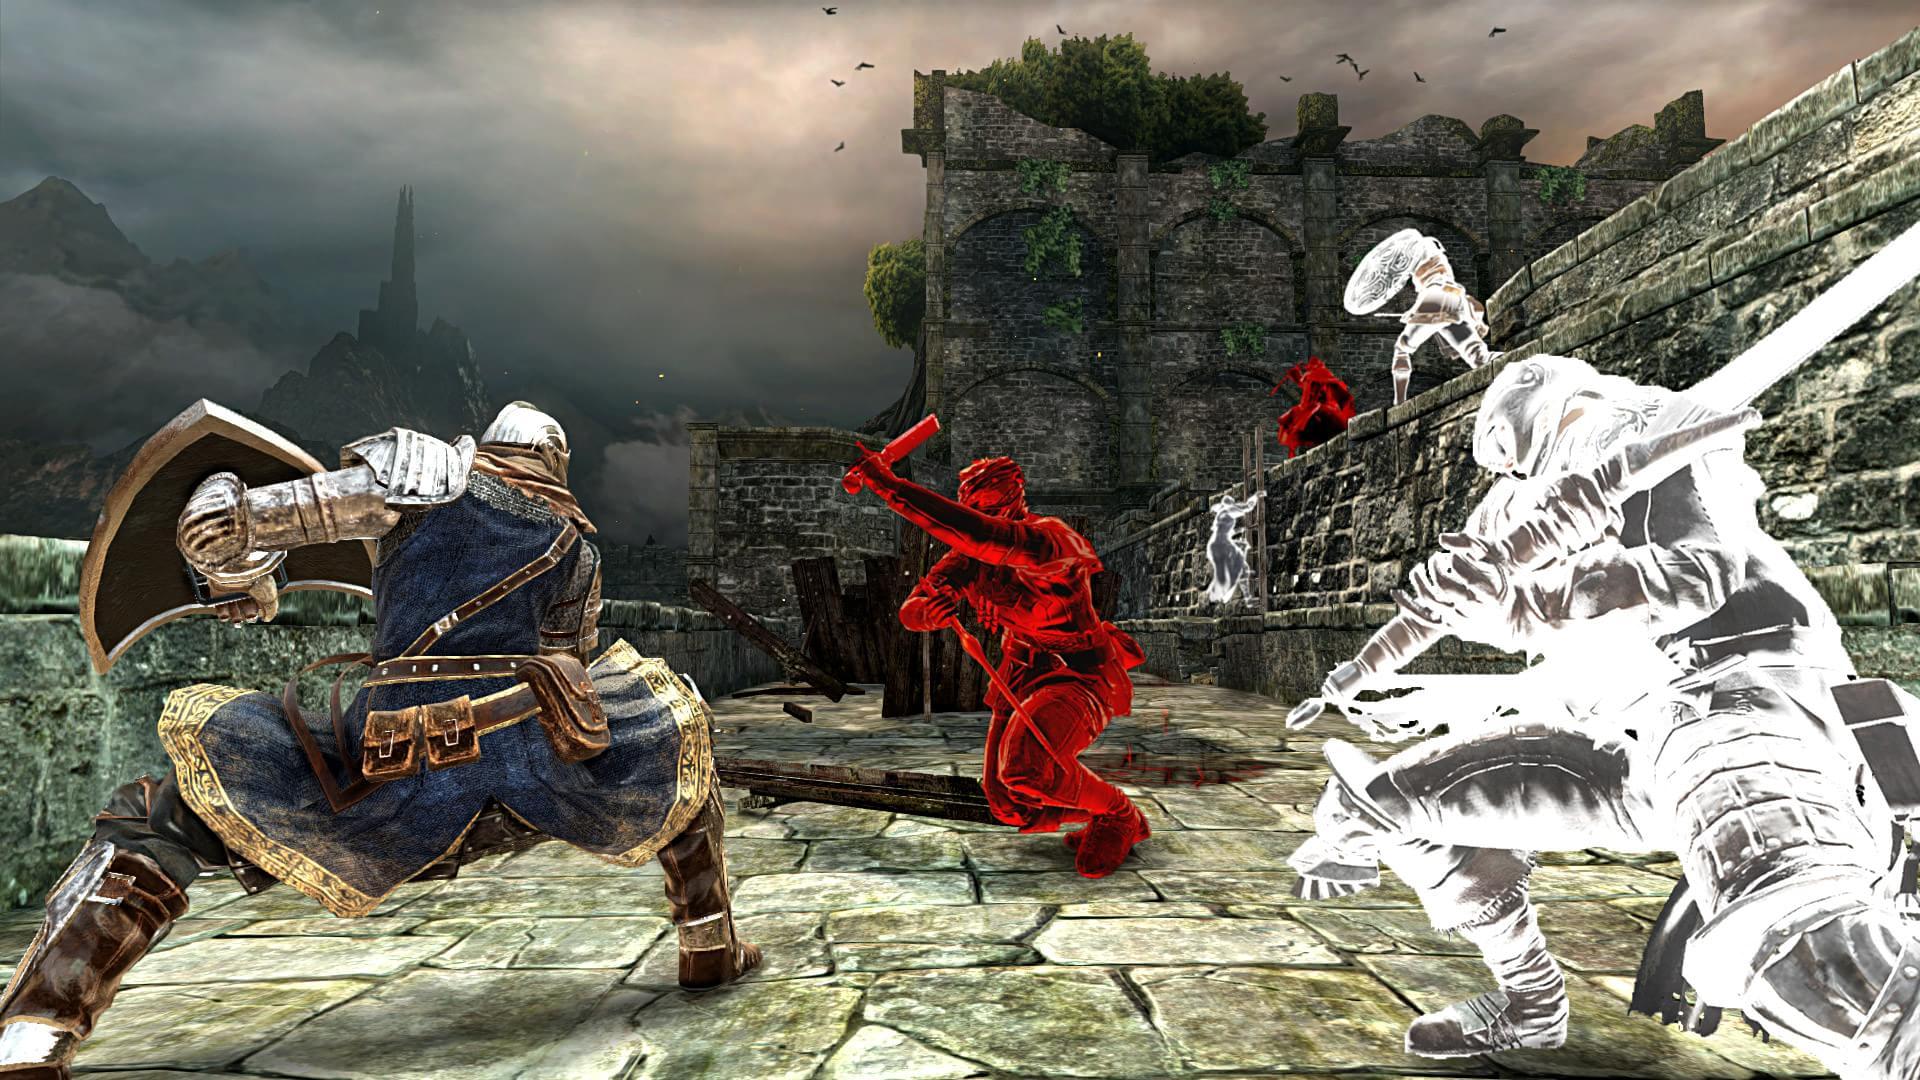 Dark Souls II completo será lançado para PC, PS4, XOne, PS3 e X360 em abril